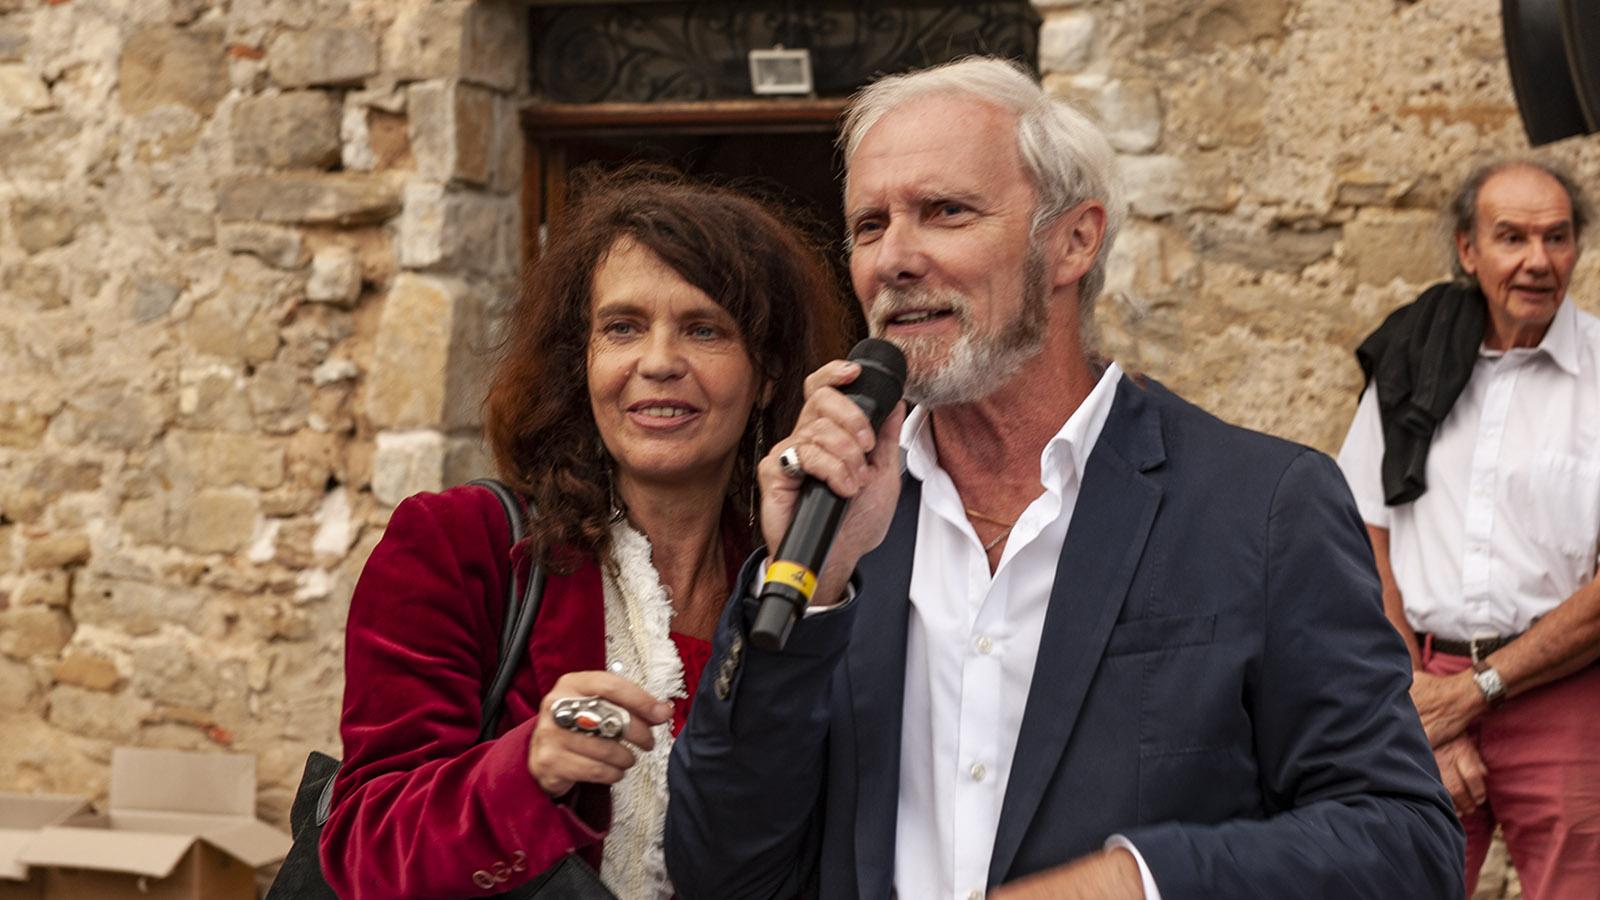 Festival du Film Insolite: Fany Bastien und Geoffroy Thiebaut. Foto: Hilke Maunder